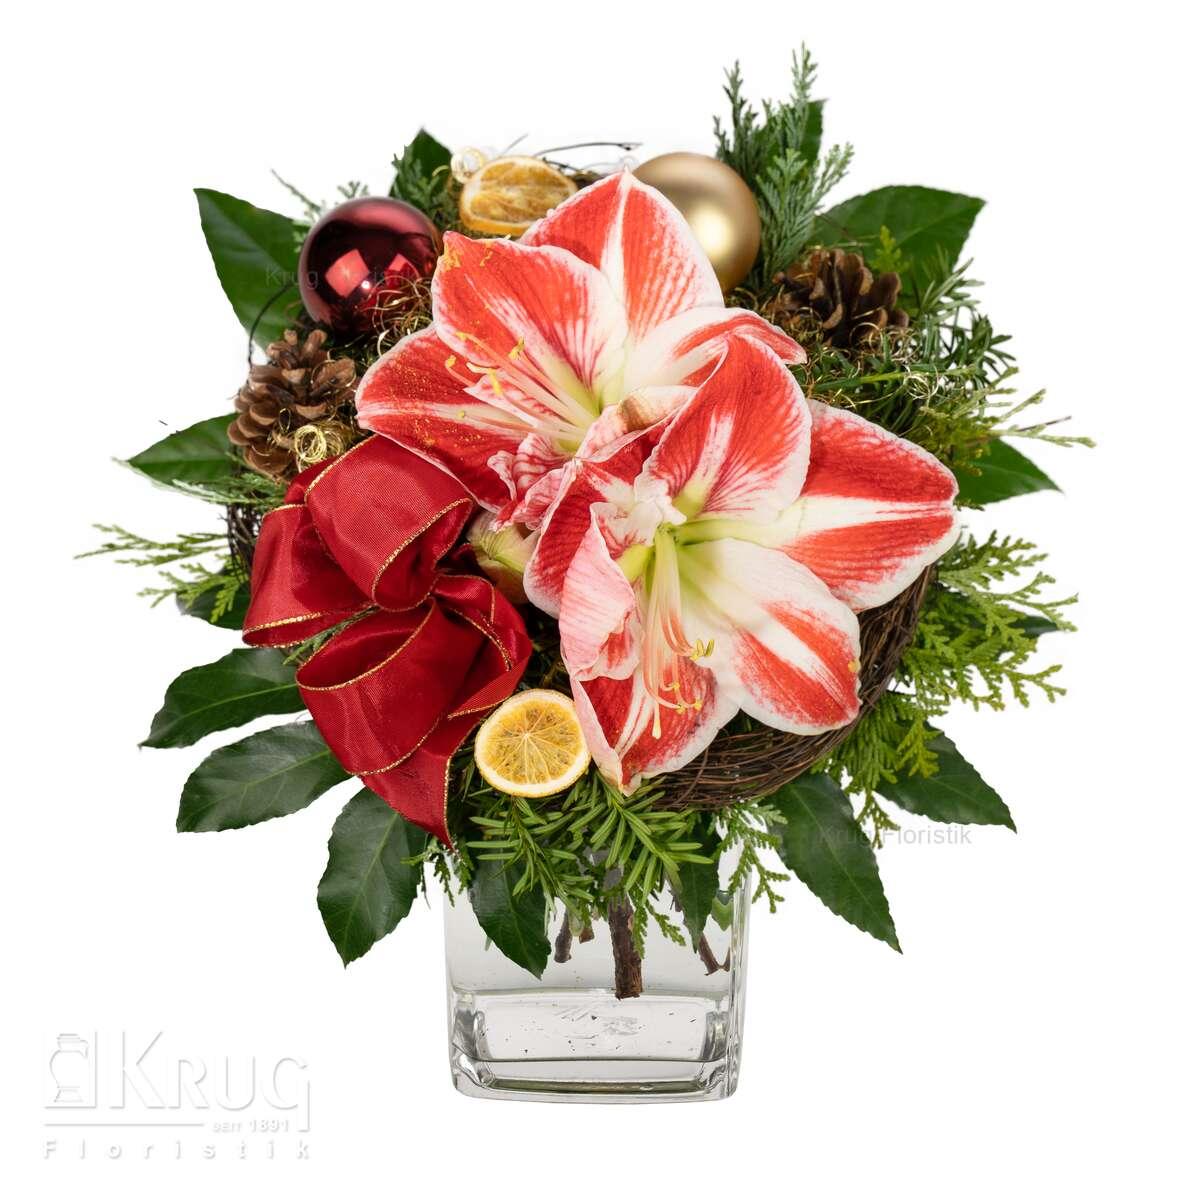 Blumenstrauß mit Amaryllis rot-weiß